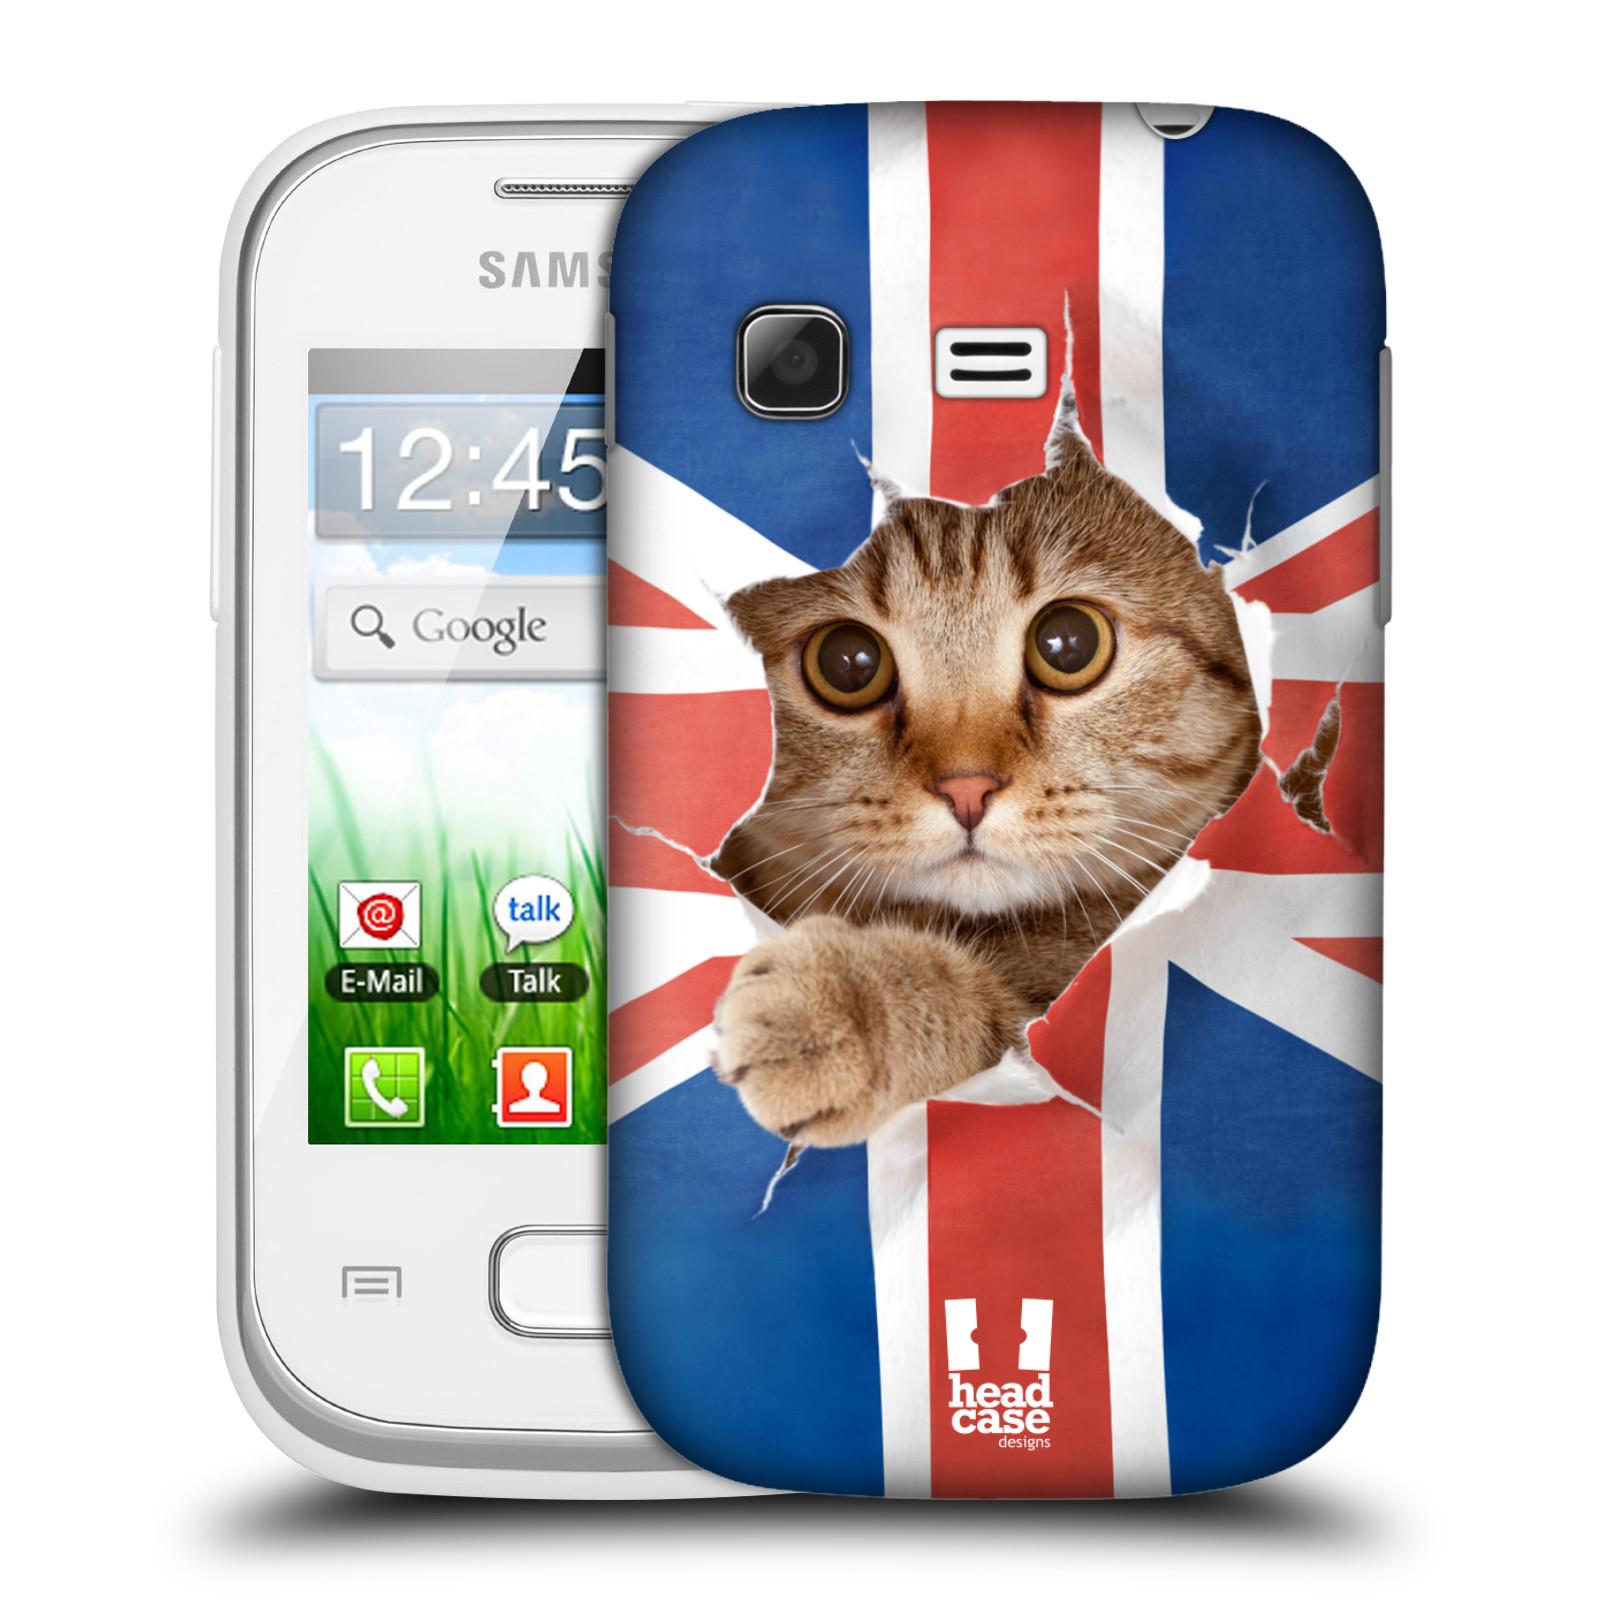 Plastové pouzdro na mobil Samsung Galaxy Pocket HEAD CASE KOČKA A VLAJKA (Kryt či obal na mobilní telefon Samsung Galaxy Pocket GT-S5300)